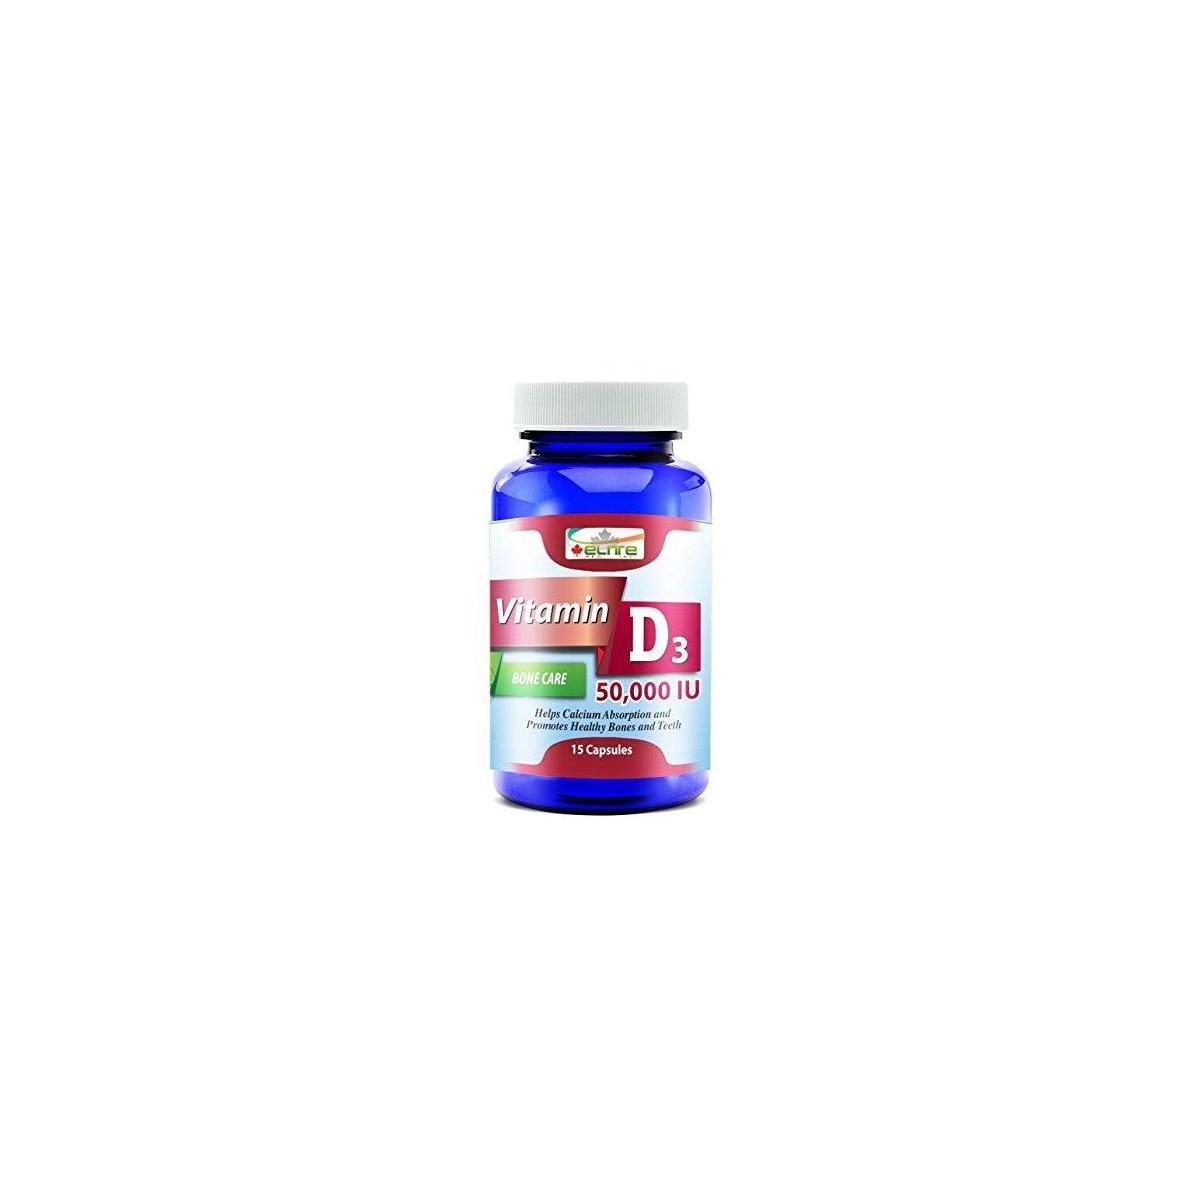 Vitamin D3 50,000IU - Made in Canada